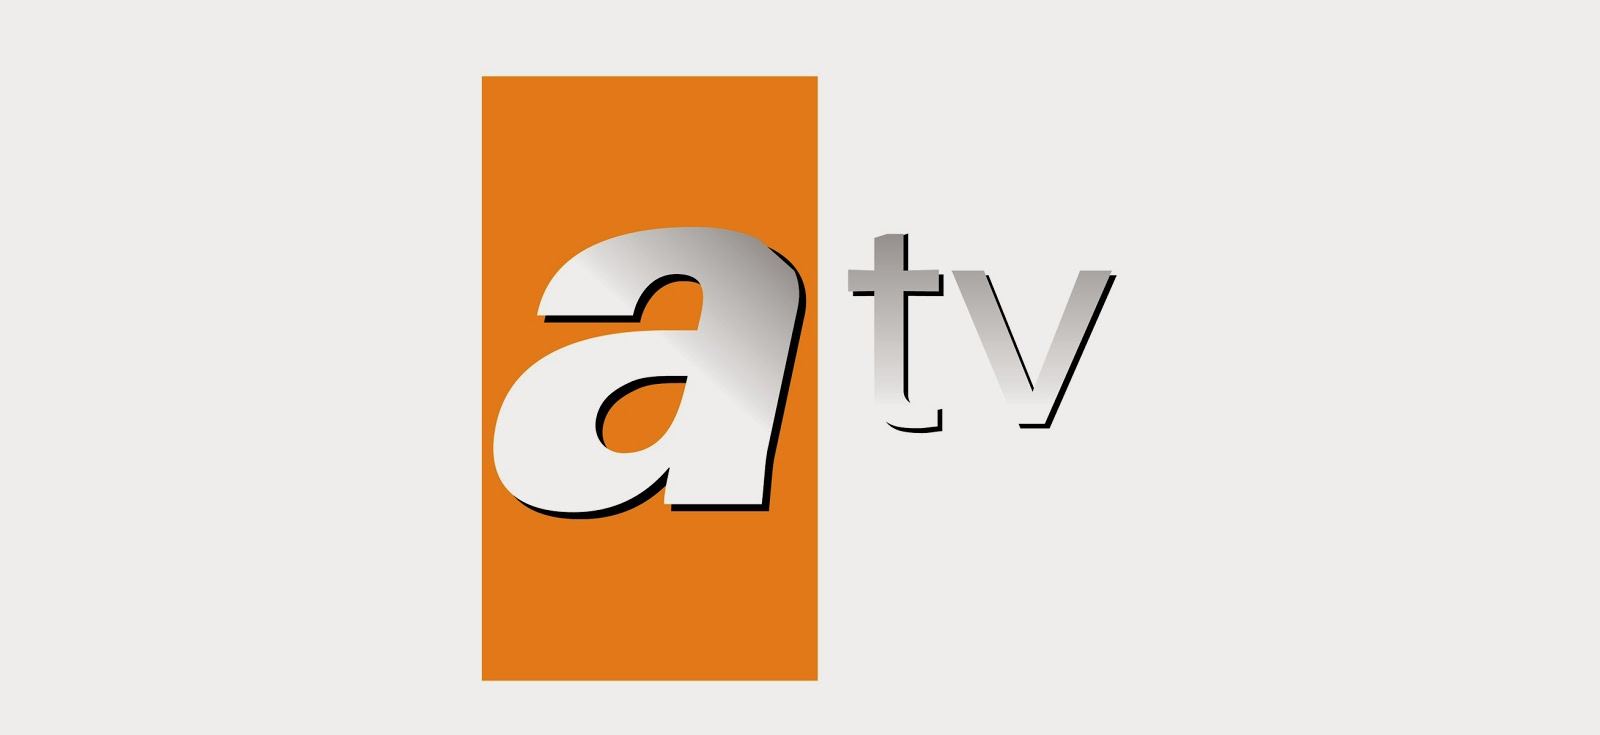 ATV canlı Müge Anlı ile tatlı sert izle 2021 bugün | Müge Anlı ile Tatlı Sert canlı izle YOUTUBE 22 Eylül 2021 Çarşamba